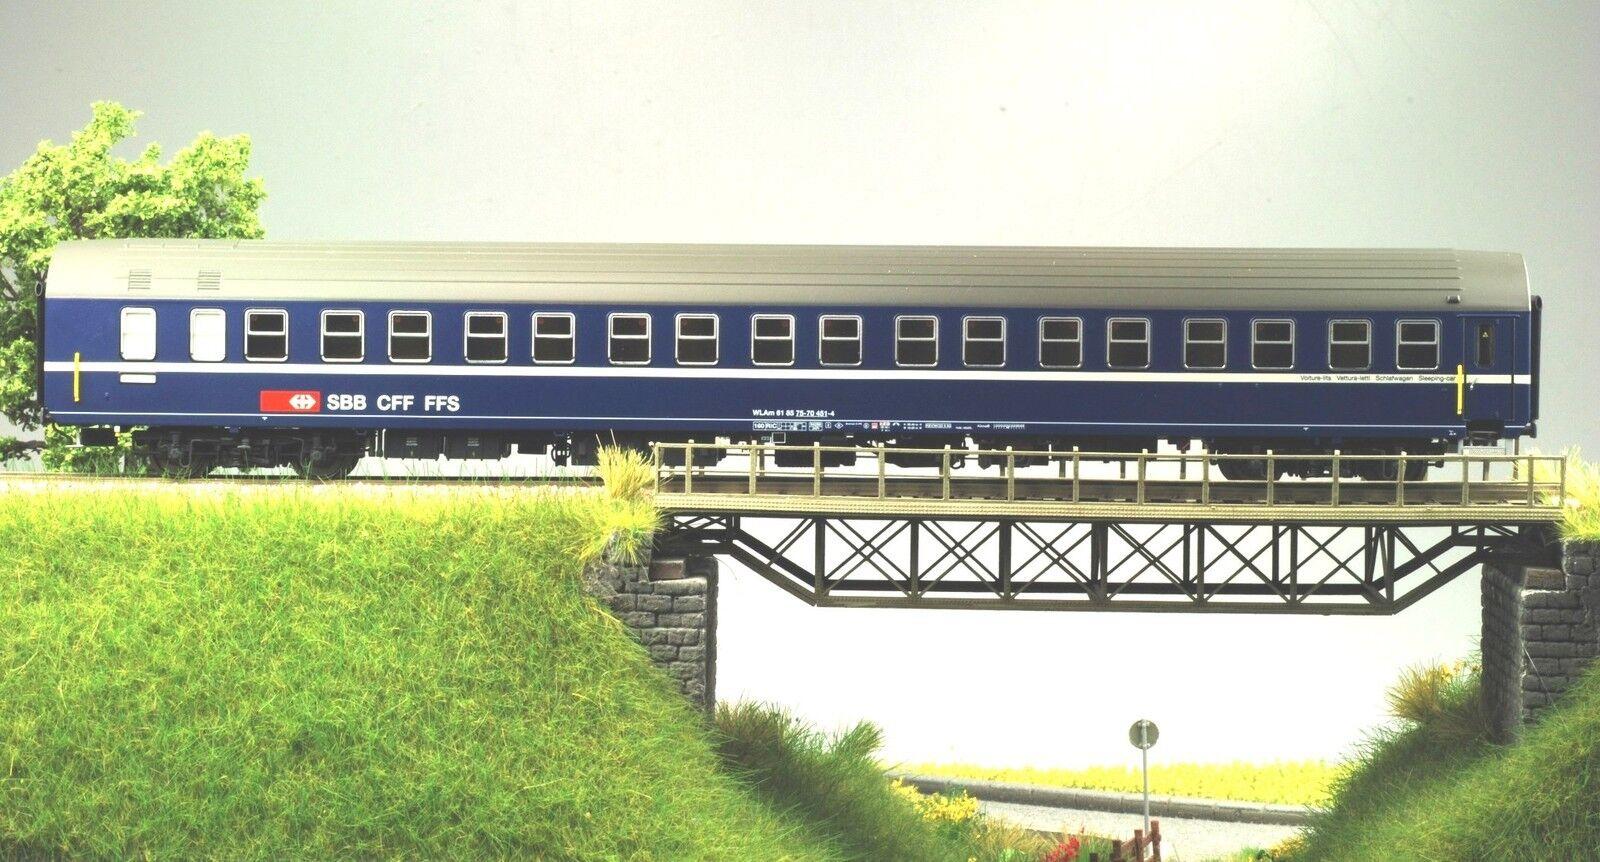 LS modellllerlerler 47253 SBB CFF FFS Schlawag 1.Kli.Wlmam T2s dunkelblå  grå Ep4 -5 NEU